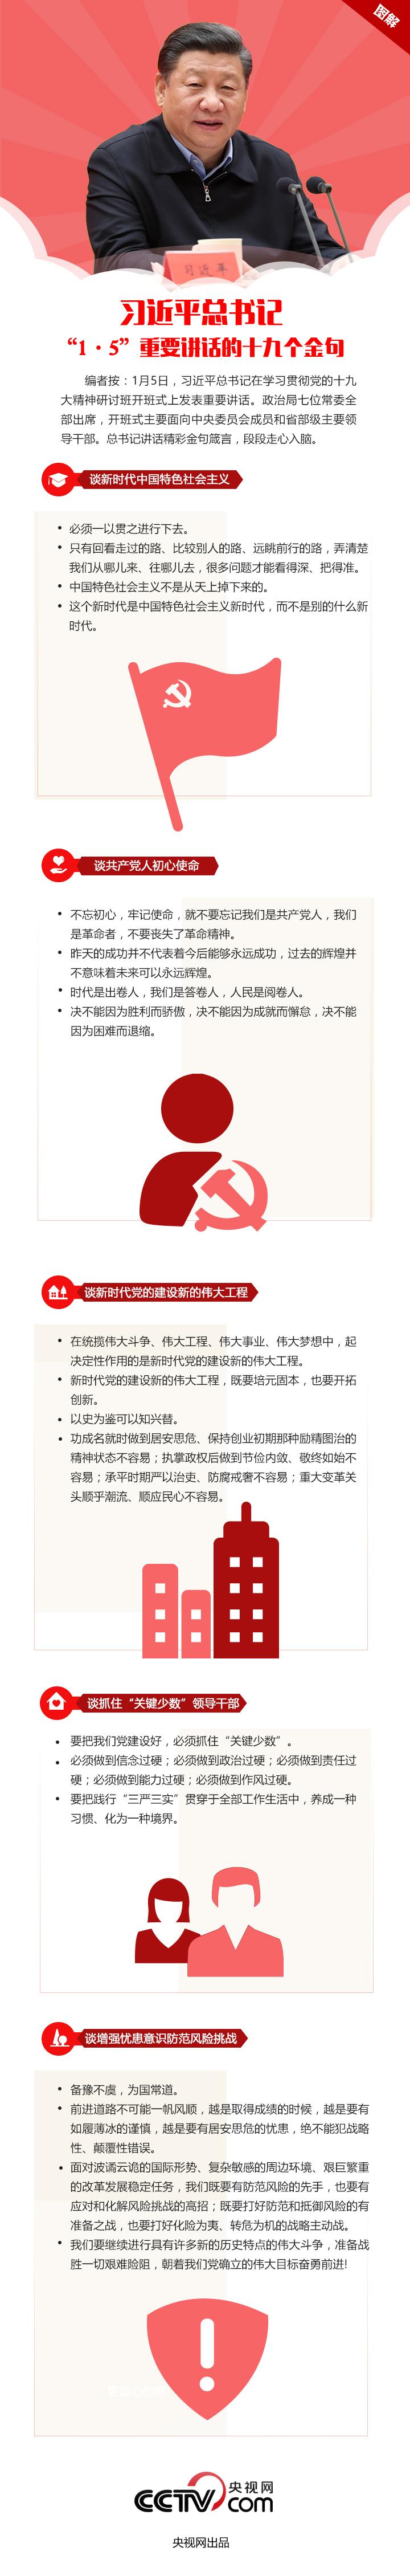 """图解:习近平总书记""""1・5""""重要讲话"""